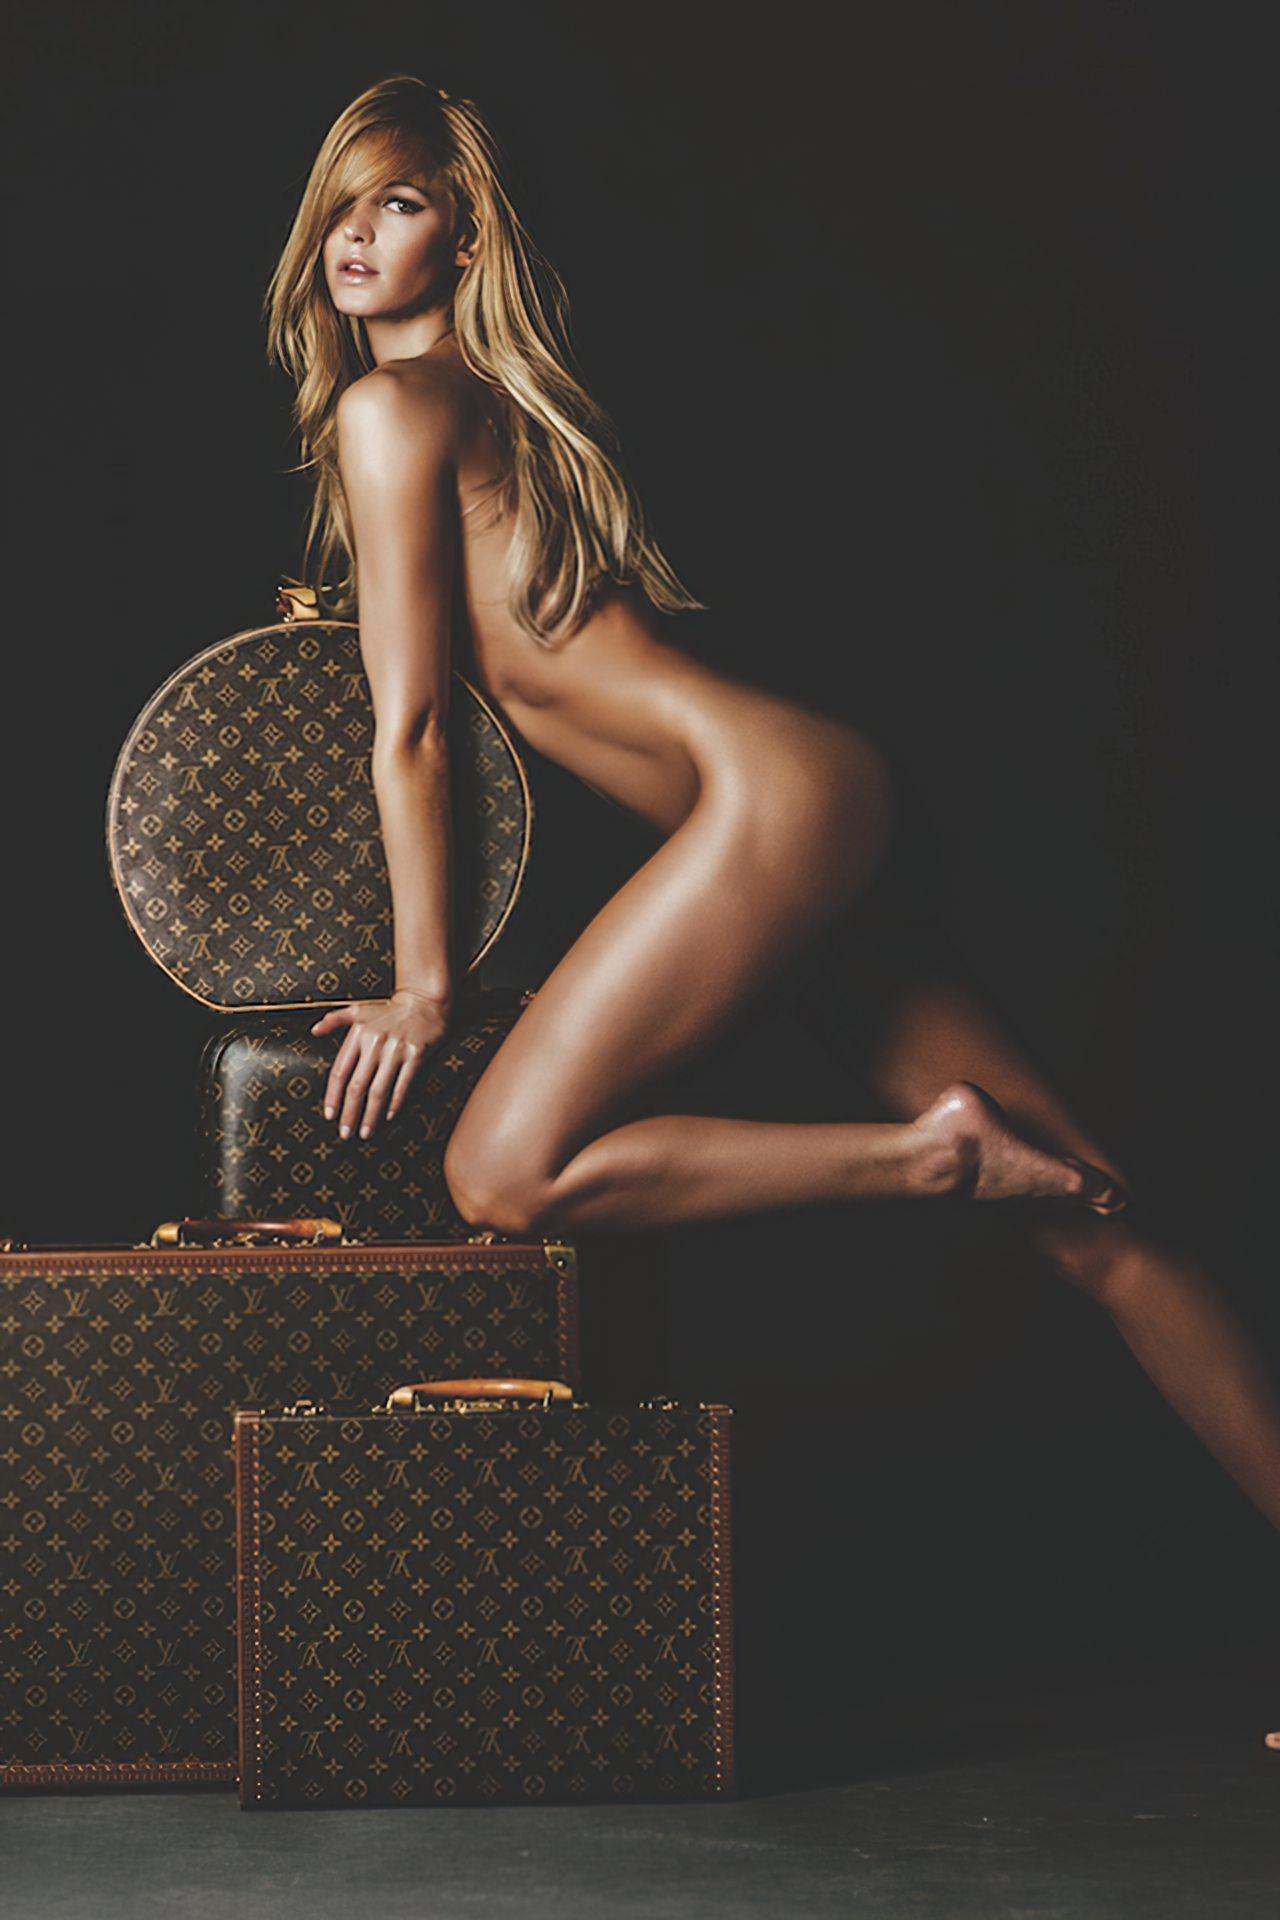 Imagens de Mulheres Nuas (42)